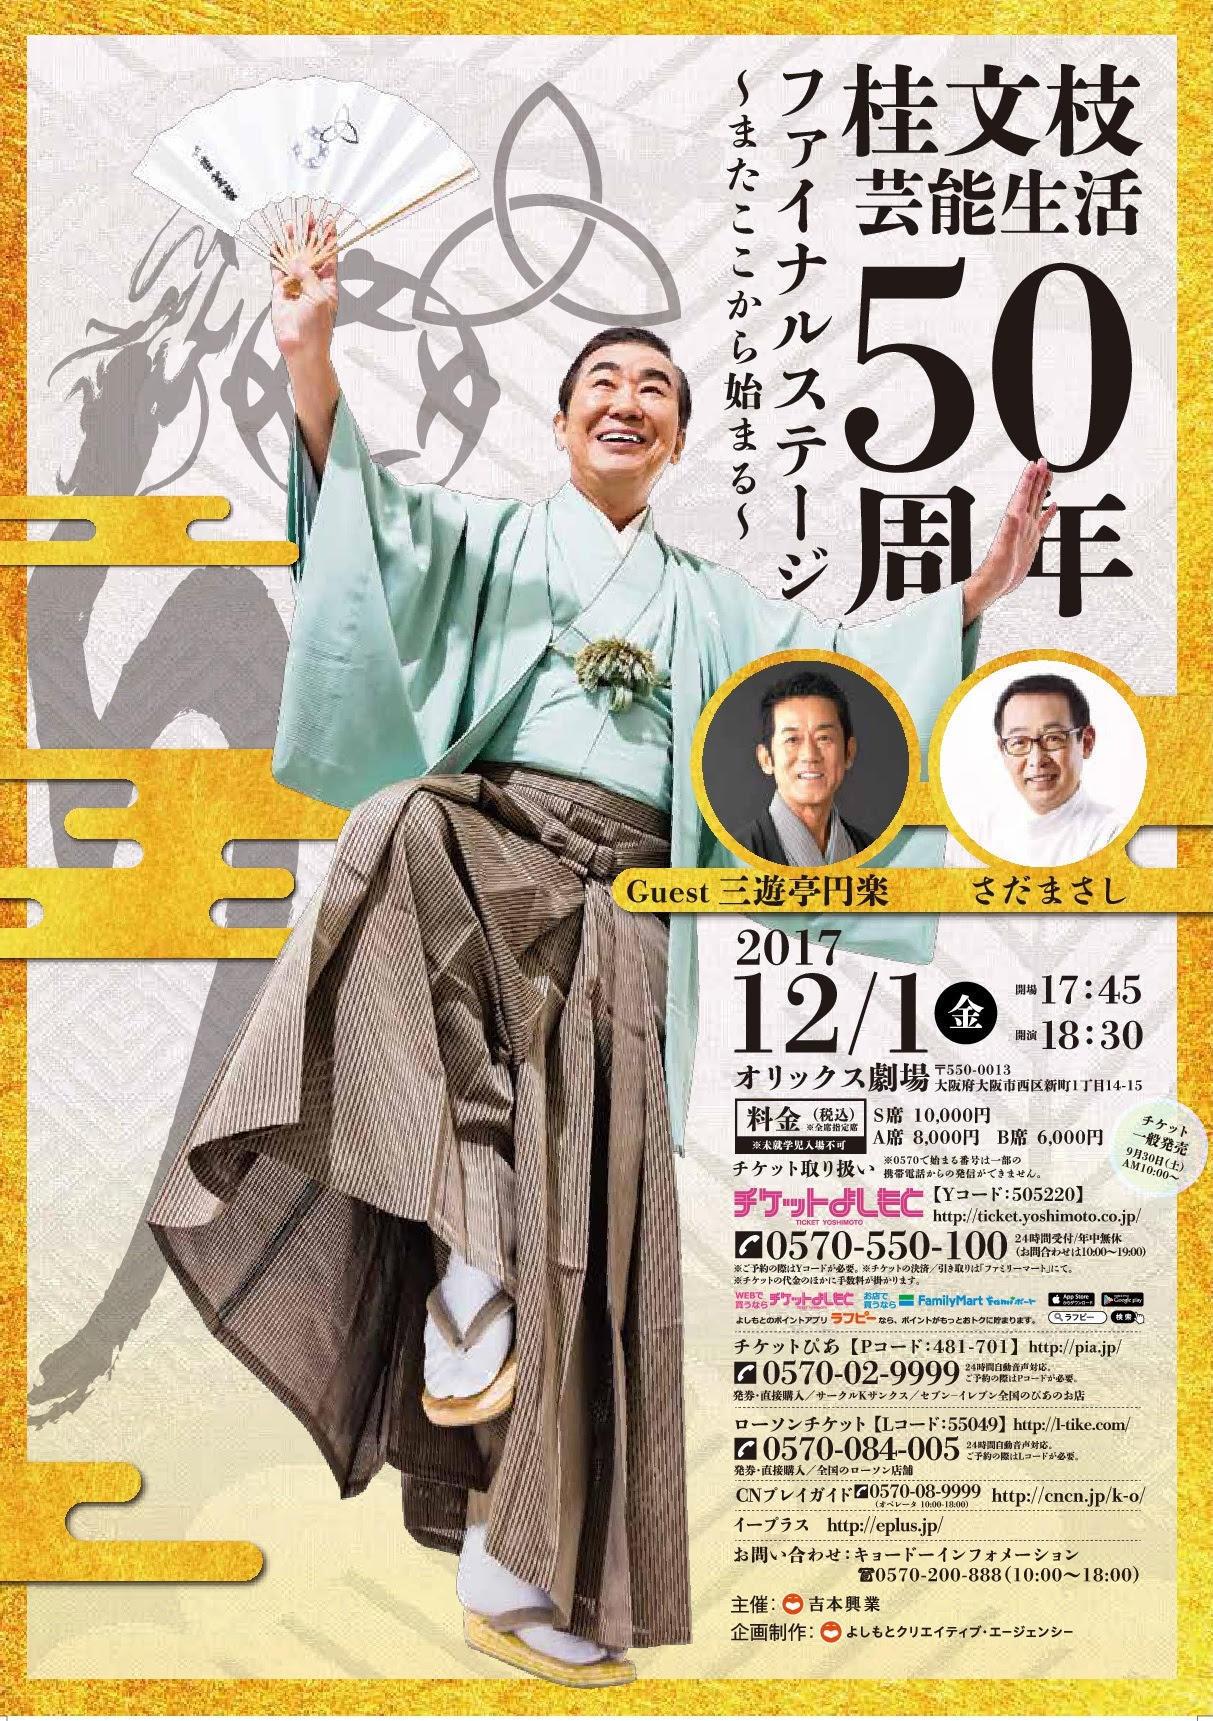 http://news.yoshimoto.co.jp/20170929203701-ff7cf69cf3974756ad991ae2c8d61a9af2b6a656.jpg